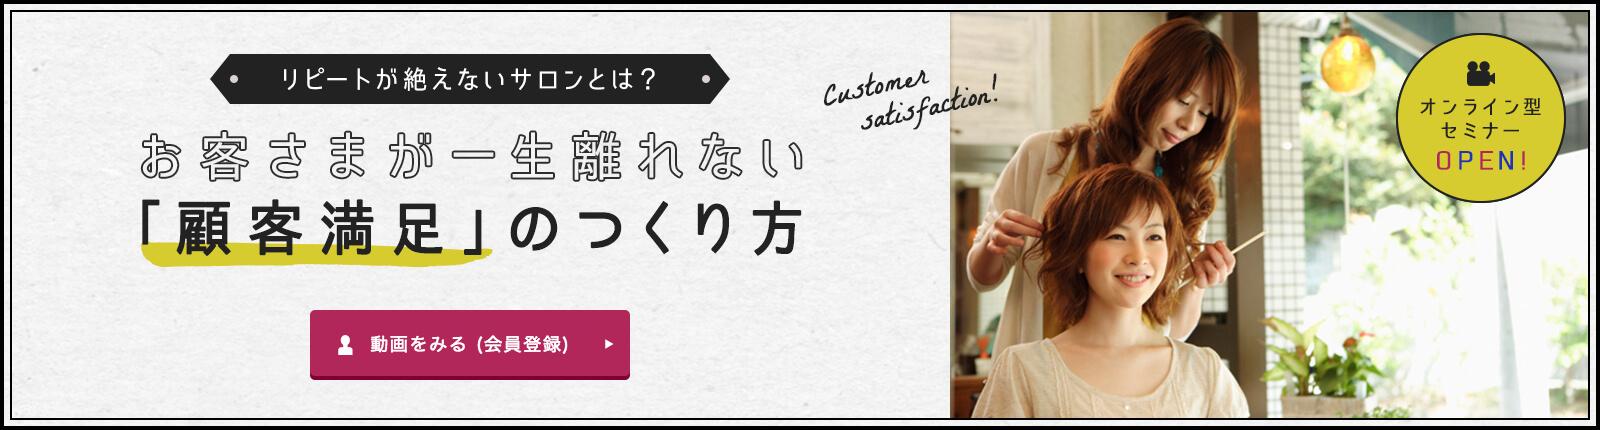 お客さまが一生離れない「顧客満足」のつくり方